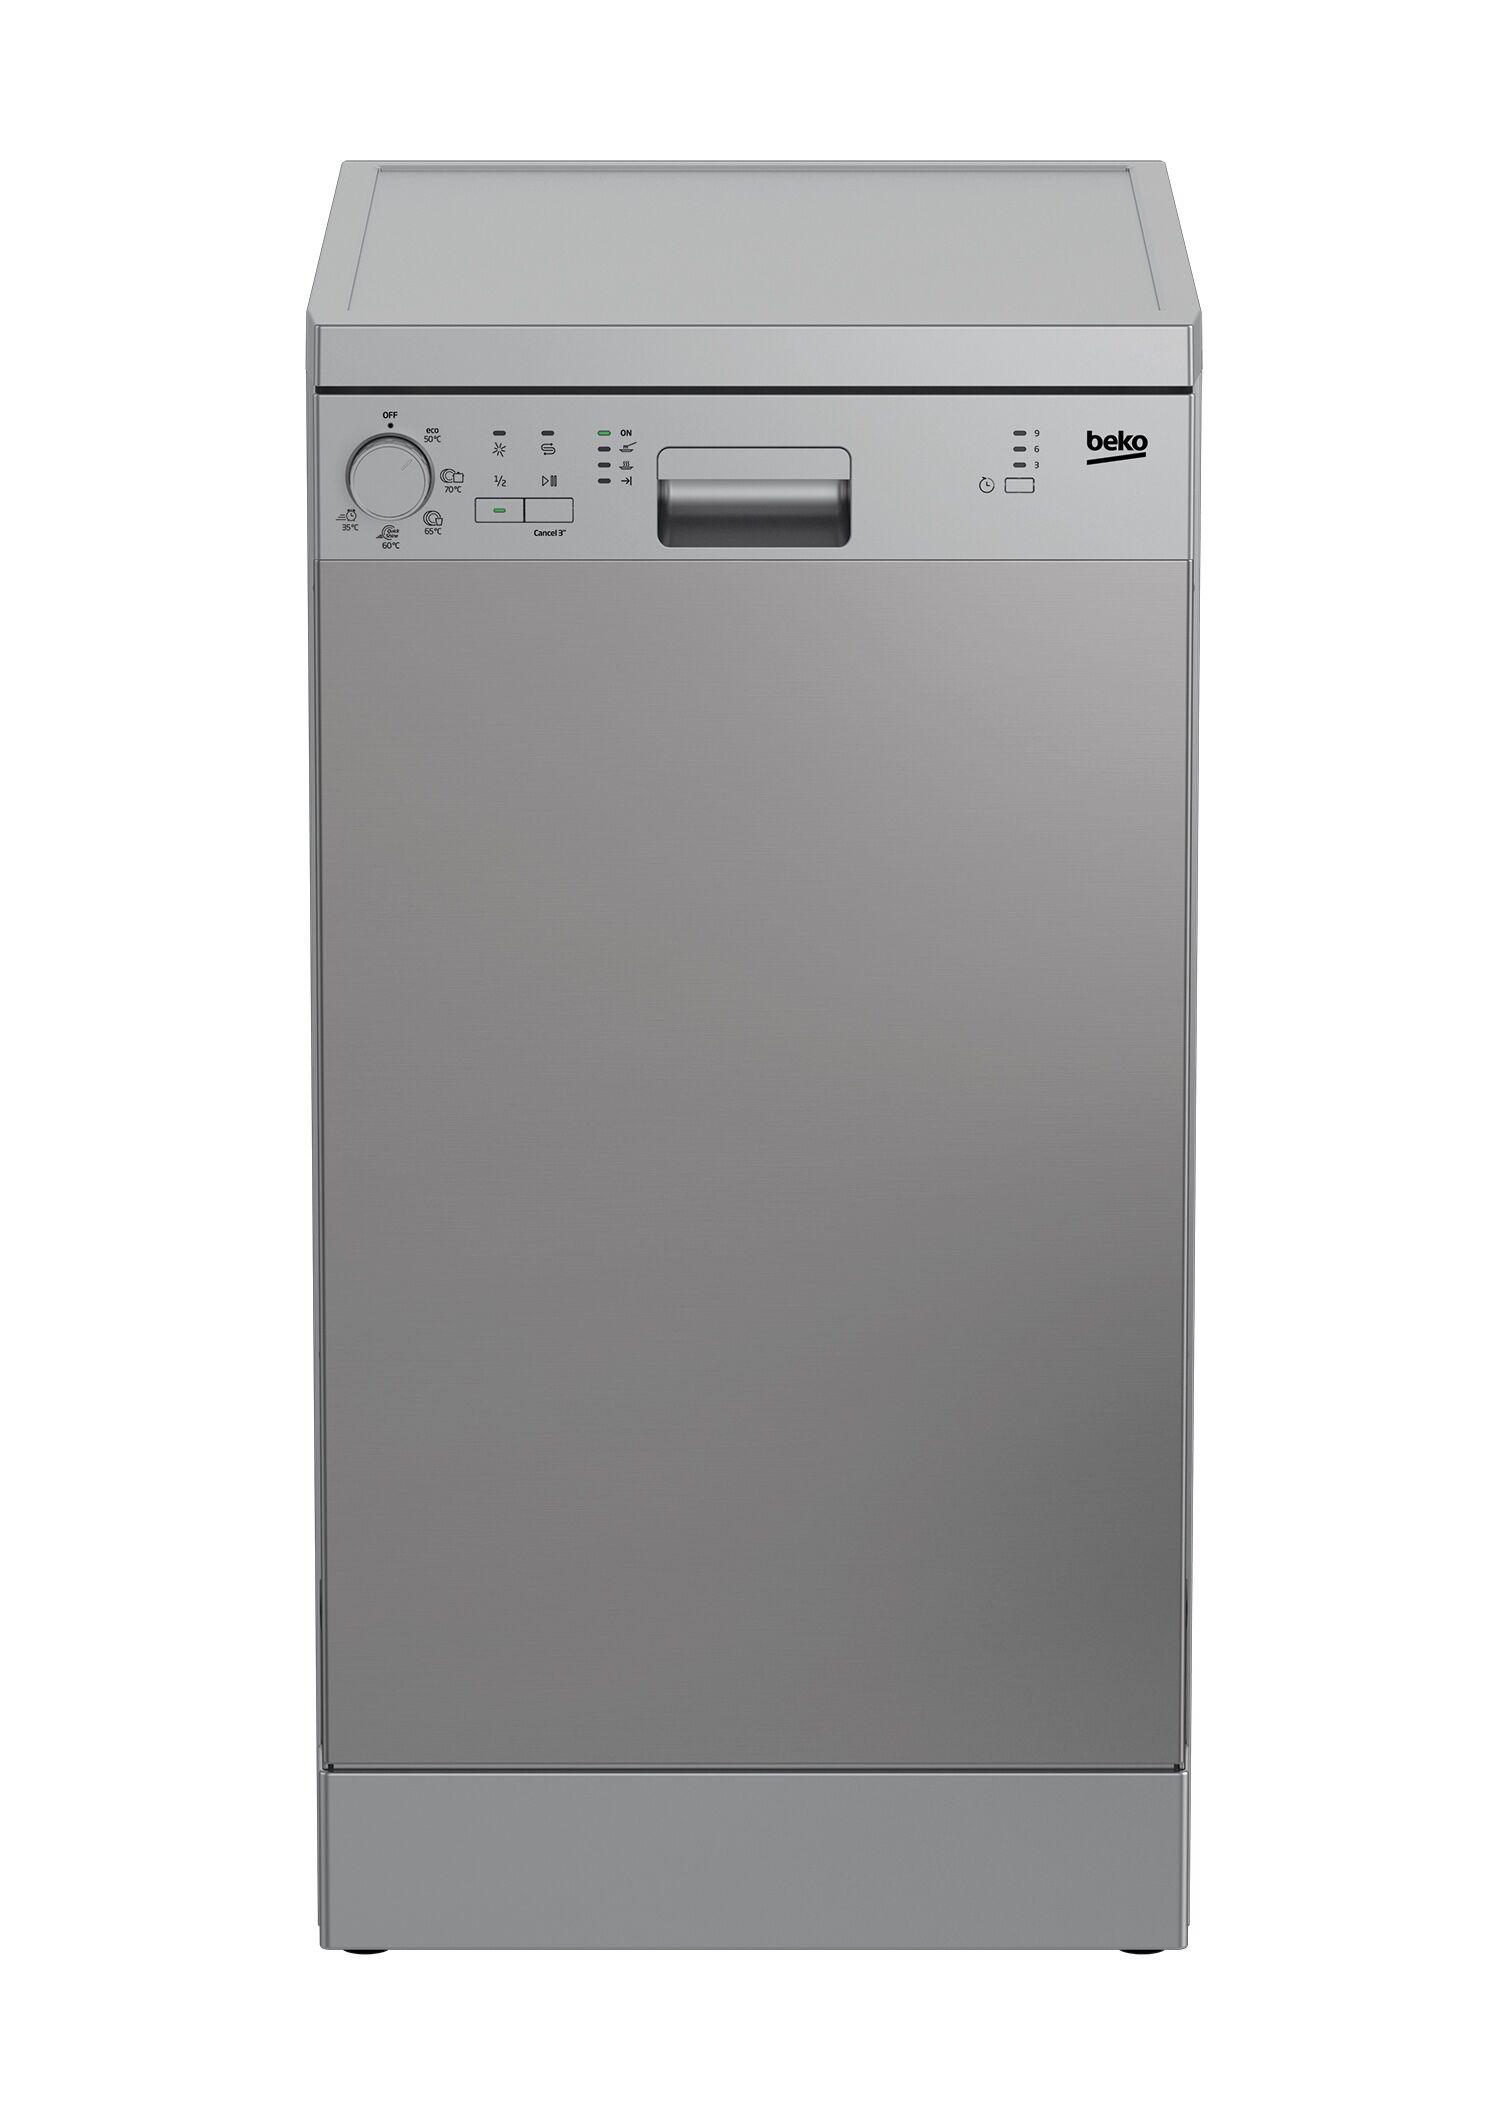 Beko DFS05024X lavastoviglie Libera installazione 10 coperti E